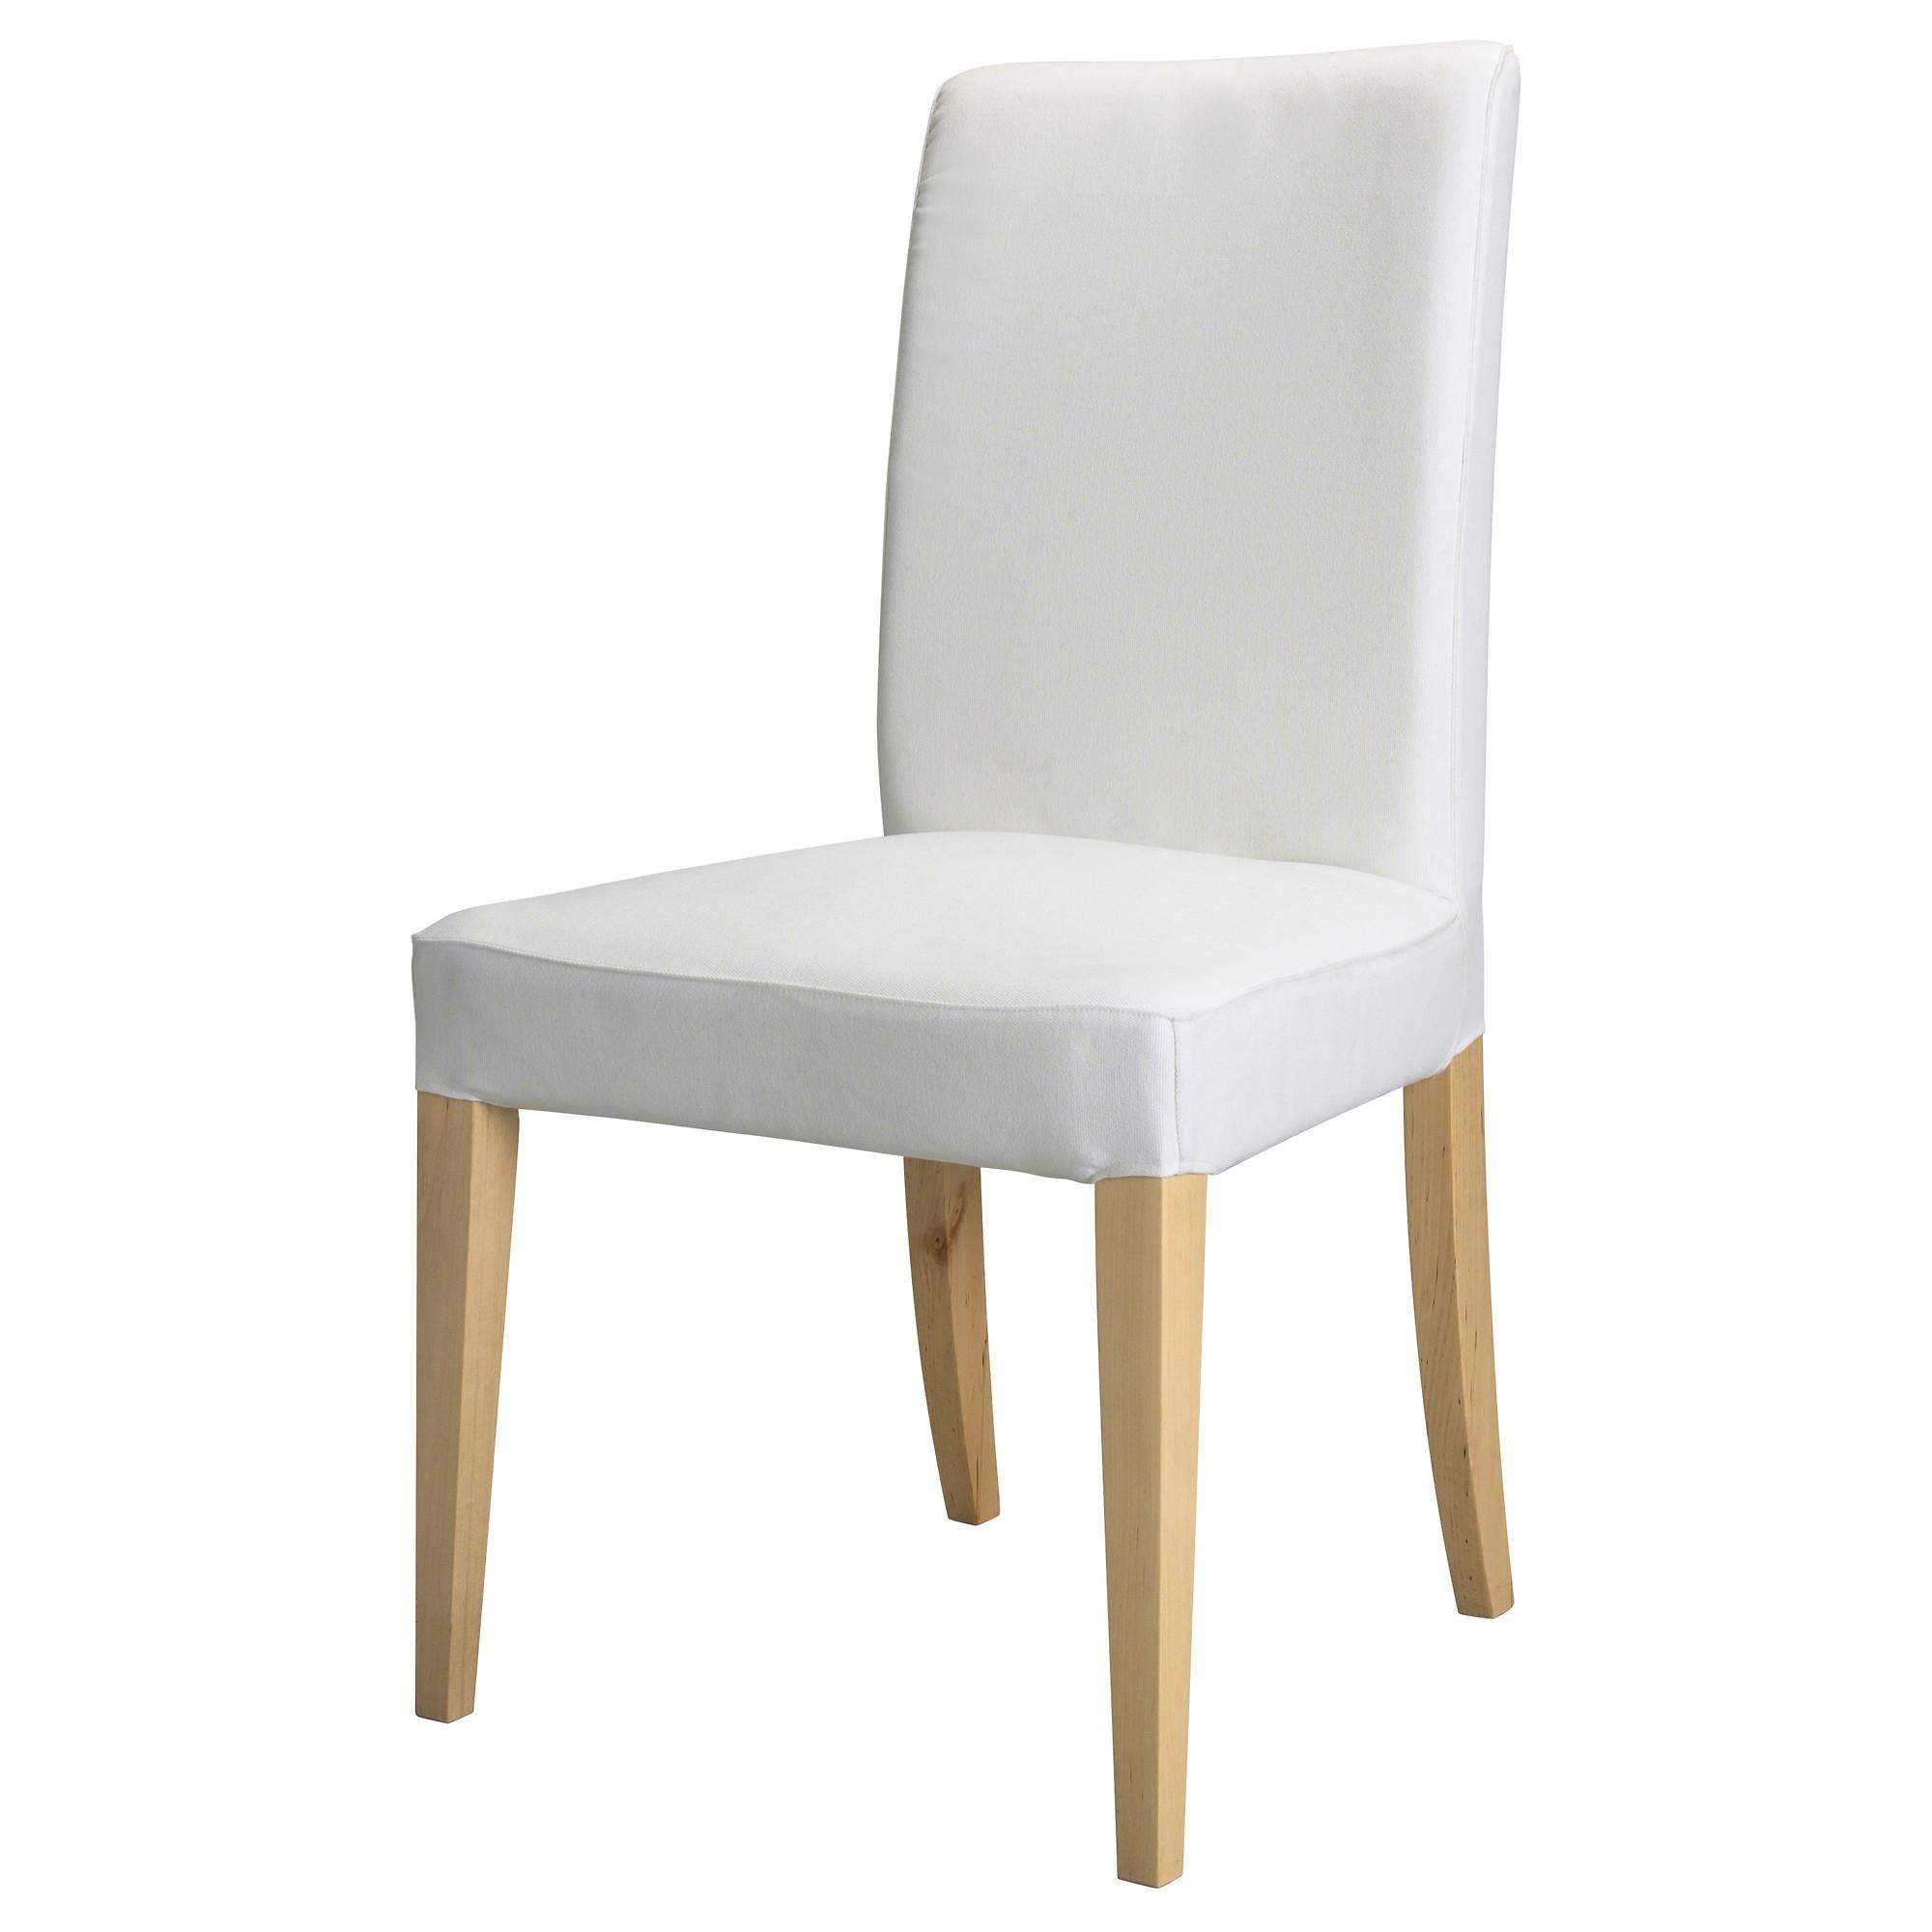 Henriksdal estructura de silla abedul - Sillas de ikea ofertas ...